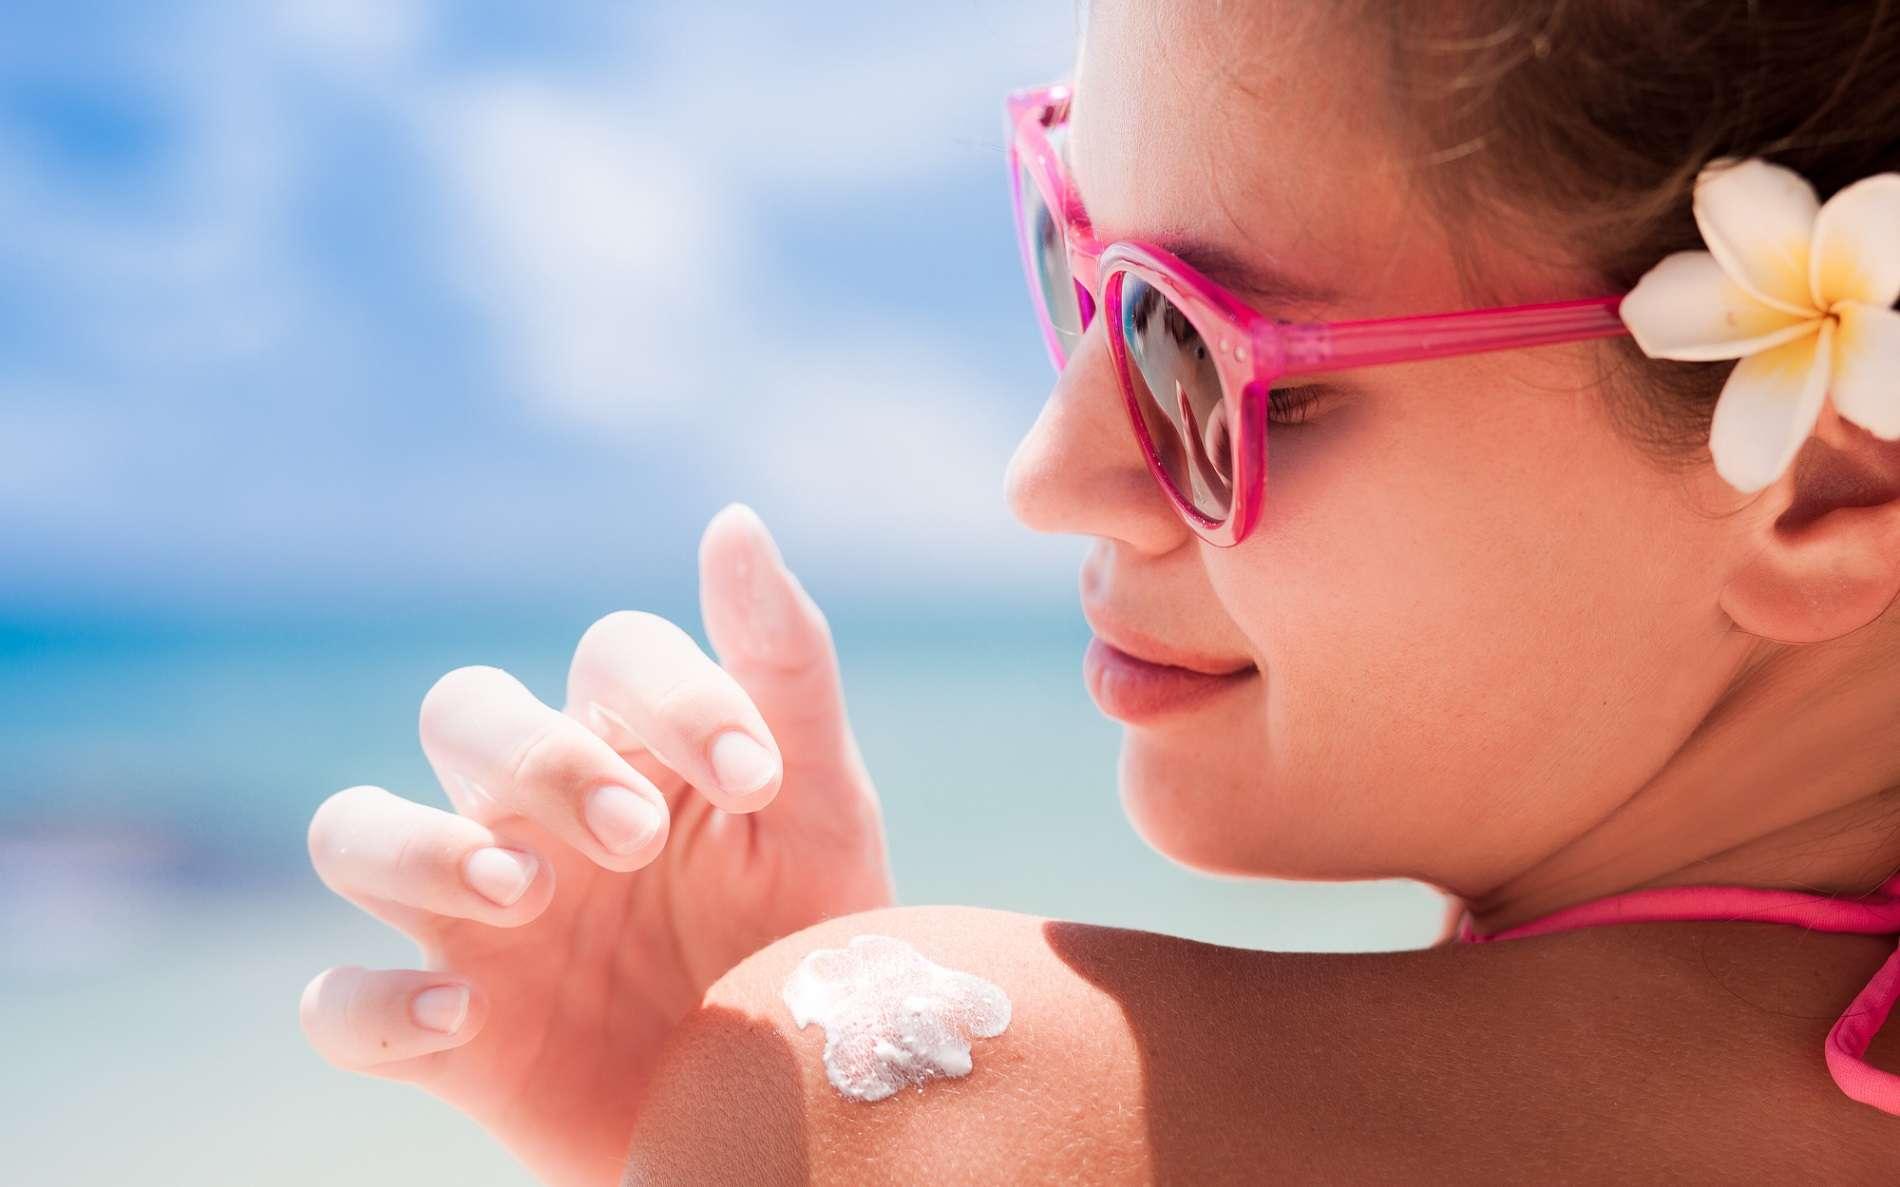 La crème solaire est l'alliée indispensable pour prévenir le cancer de la peau. © Elena Rudakova, Shutterstock